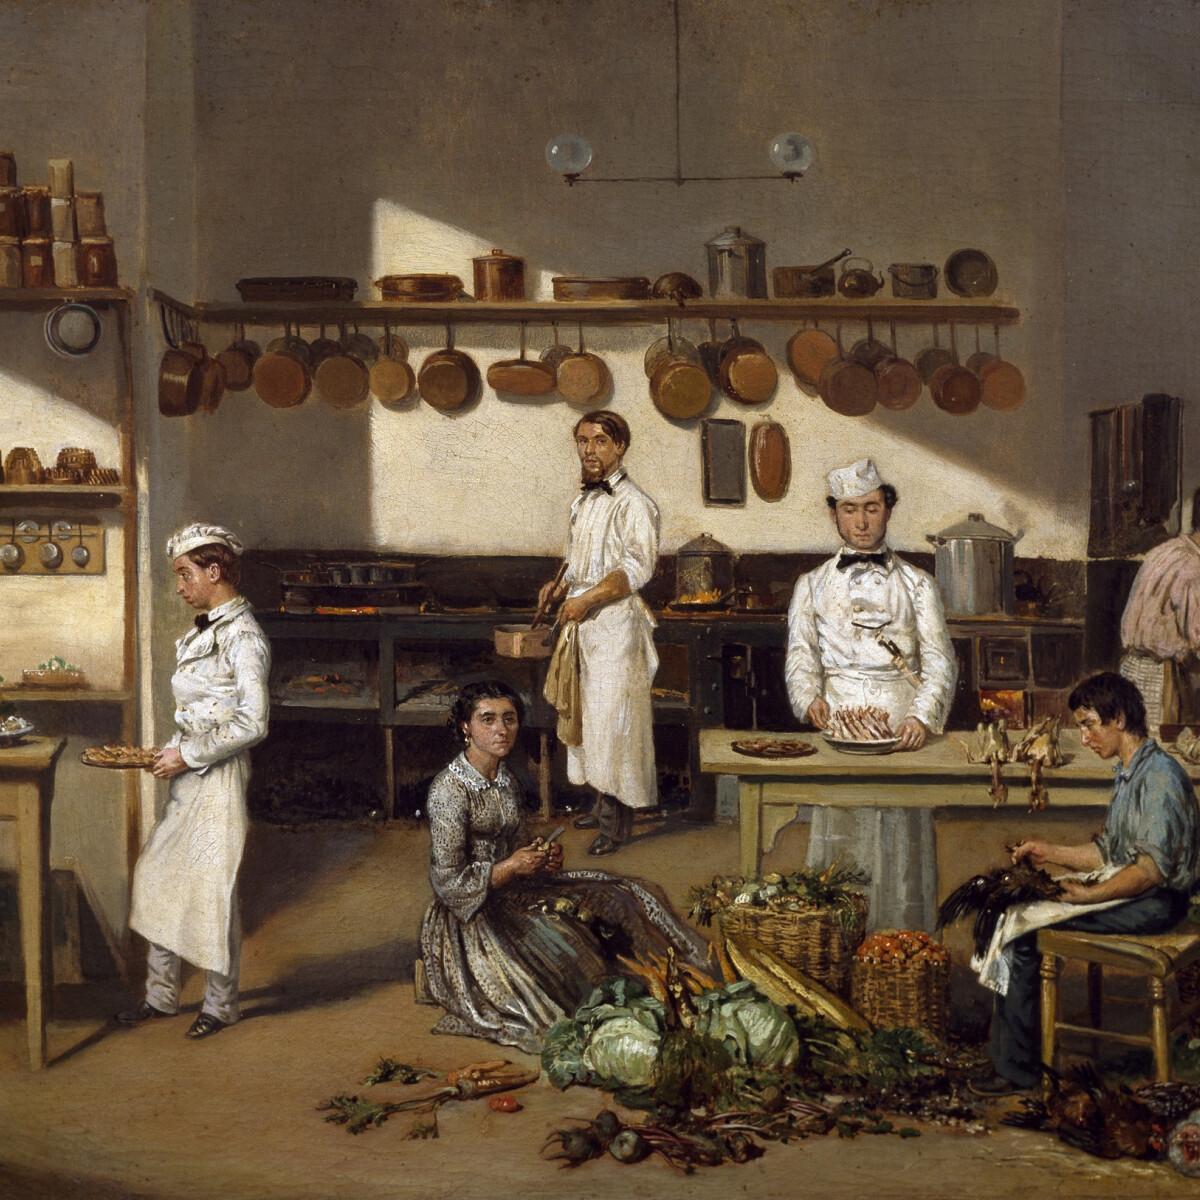 Legyél a saját konyhád konyhafőnöke – ismerd meg a legfontosabb szakkifejezéseket